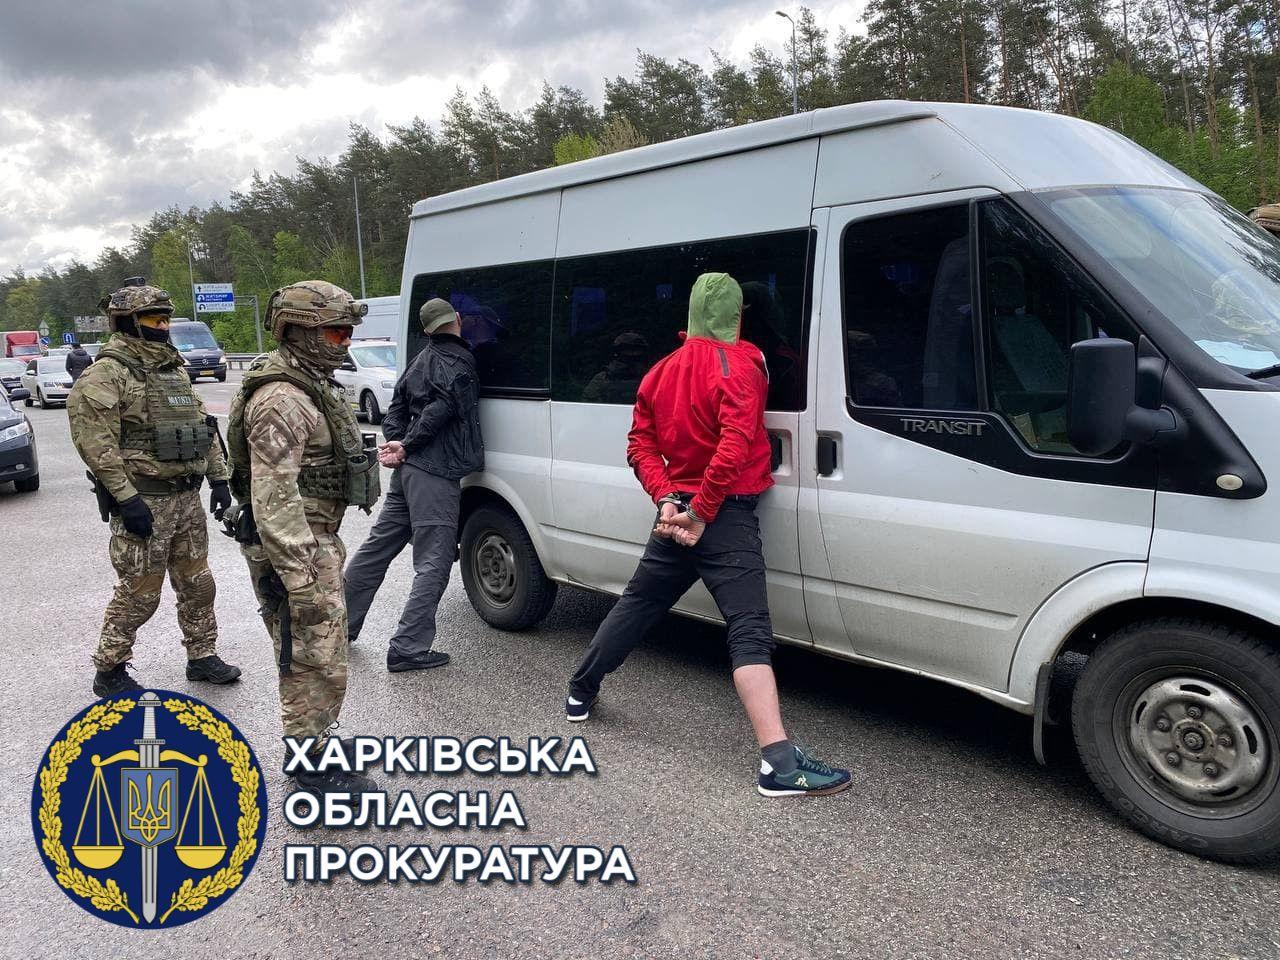 Ворвались в дом и пытали утюгом: в Харькове задержали трех грабителей (фото)